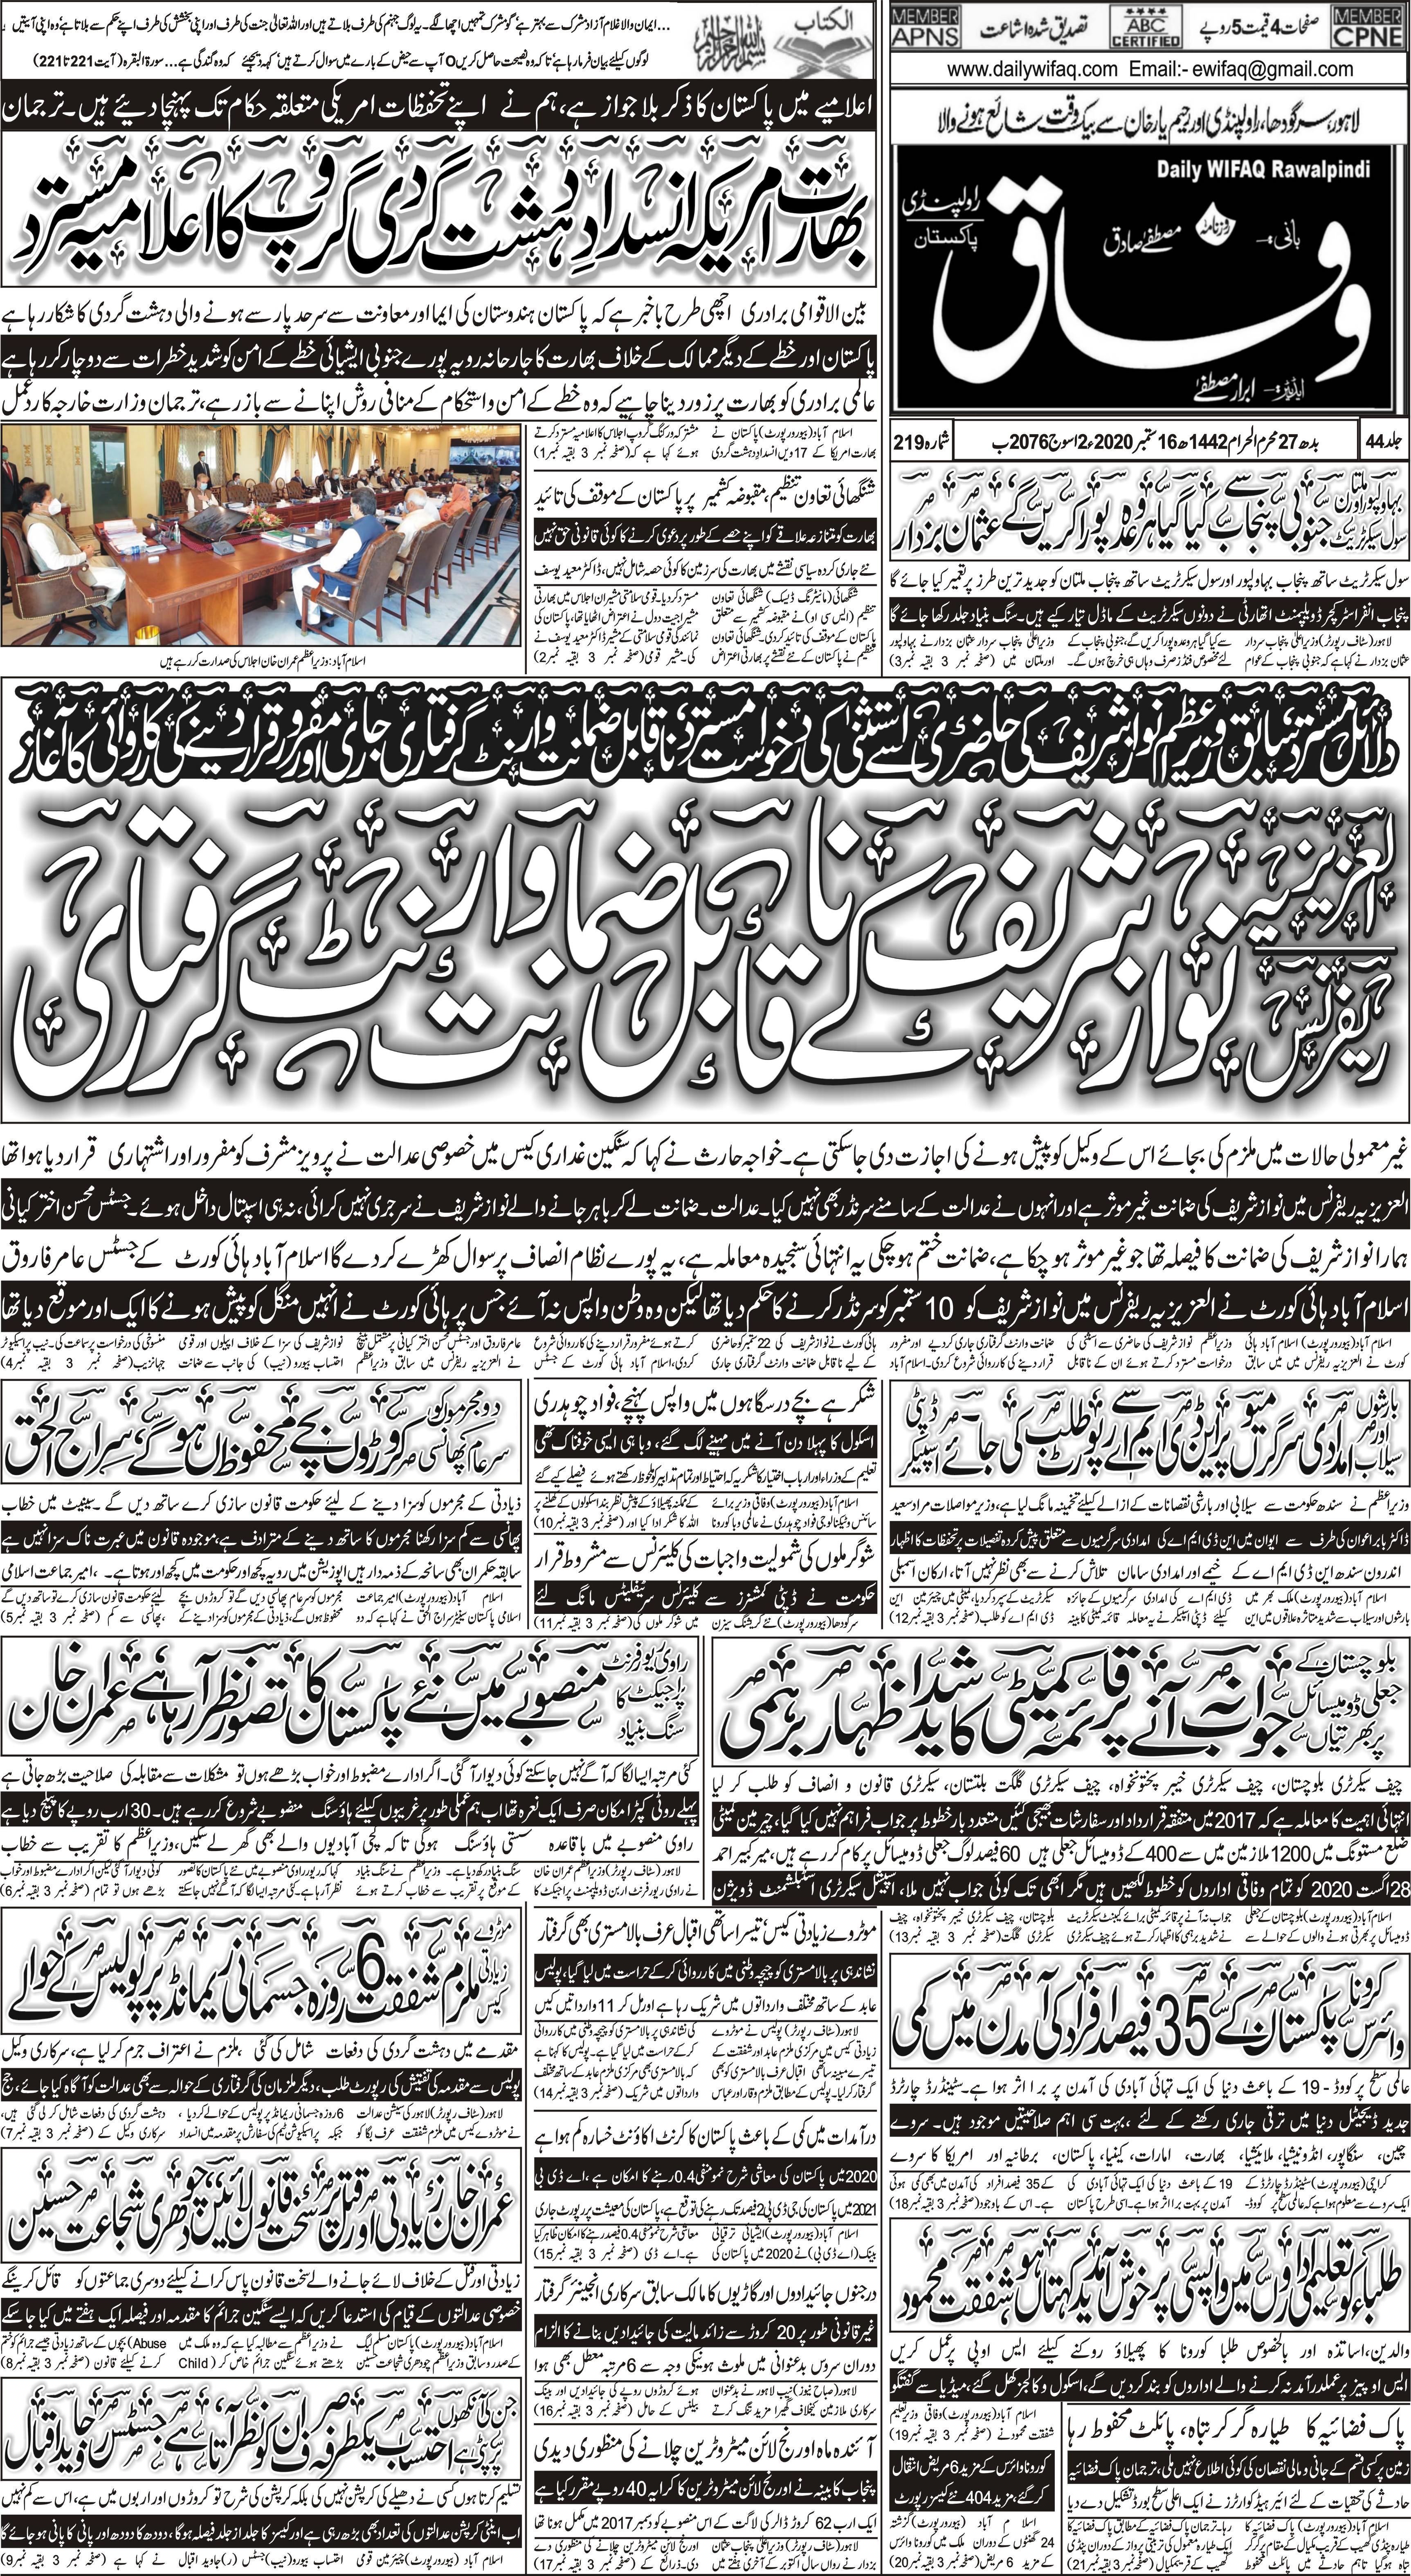 e-Paper – Daily Wifaq – Rawalpindi – 16-09-2020